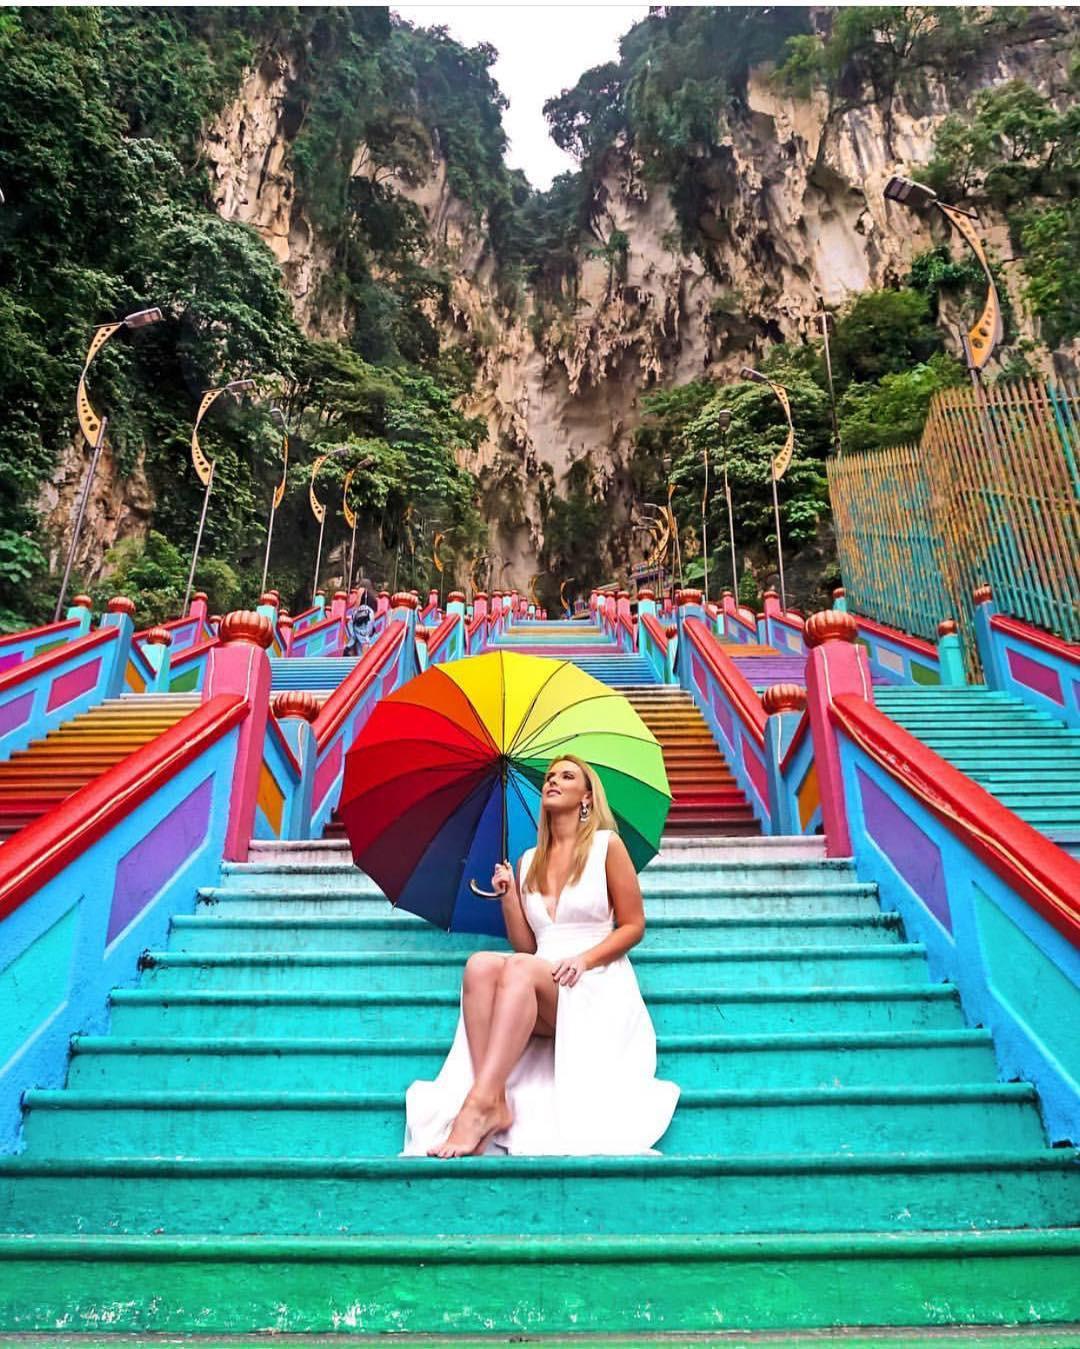 Dân sành sống ảo đang đổ xô check-in tại cầu thang 7 sắc cầu vồng đẹp như lối vào thiên đường - Ảnh 11.